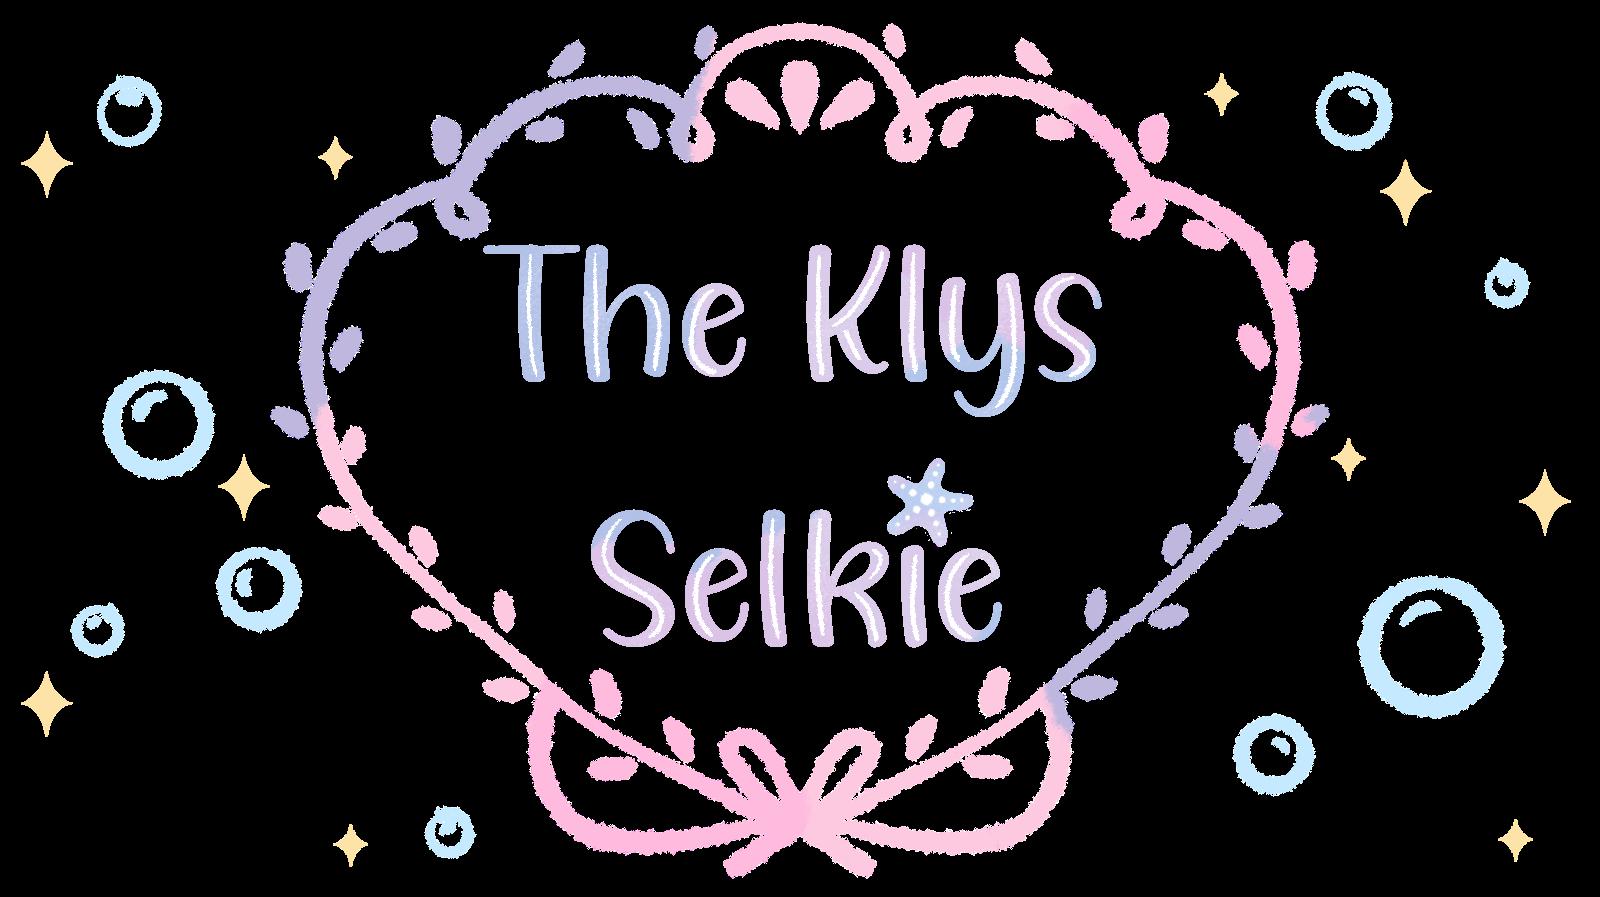 The Klys Selkie